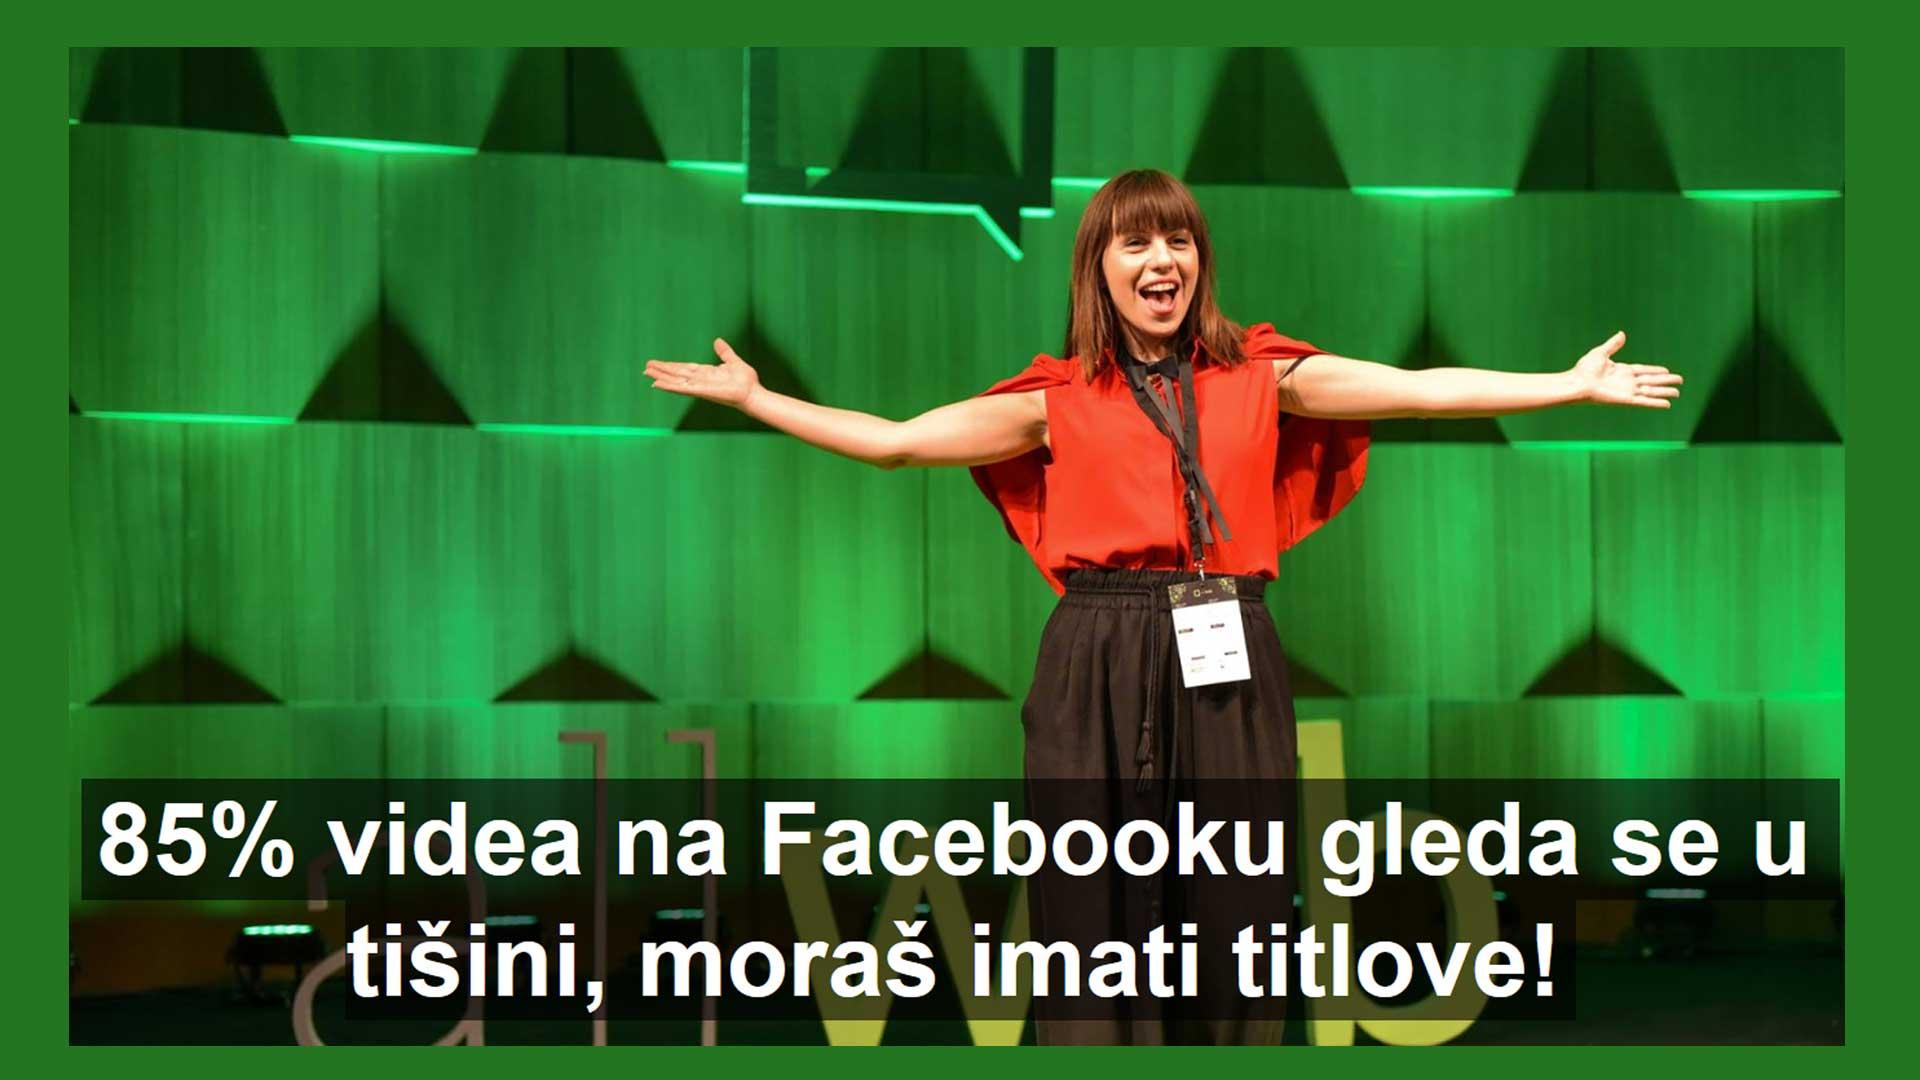 Titlovi za Facebook video su must!